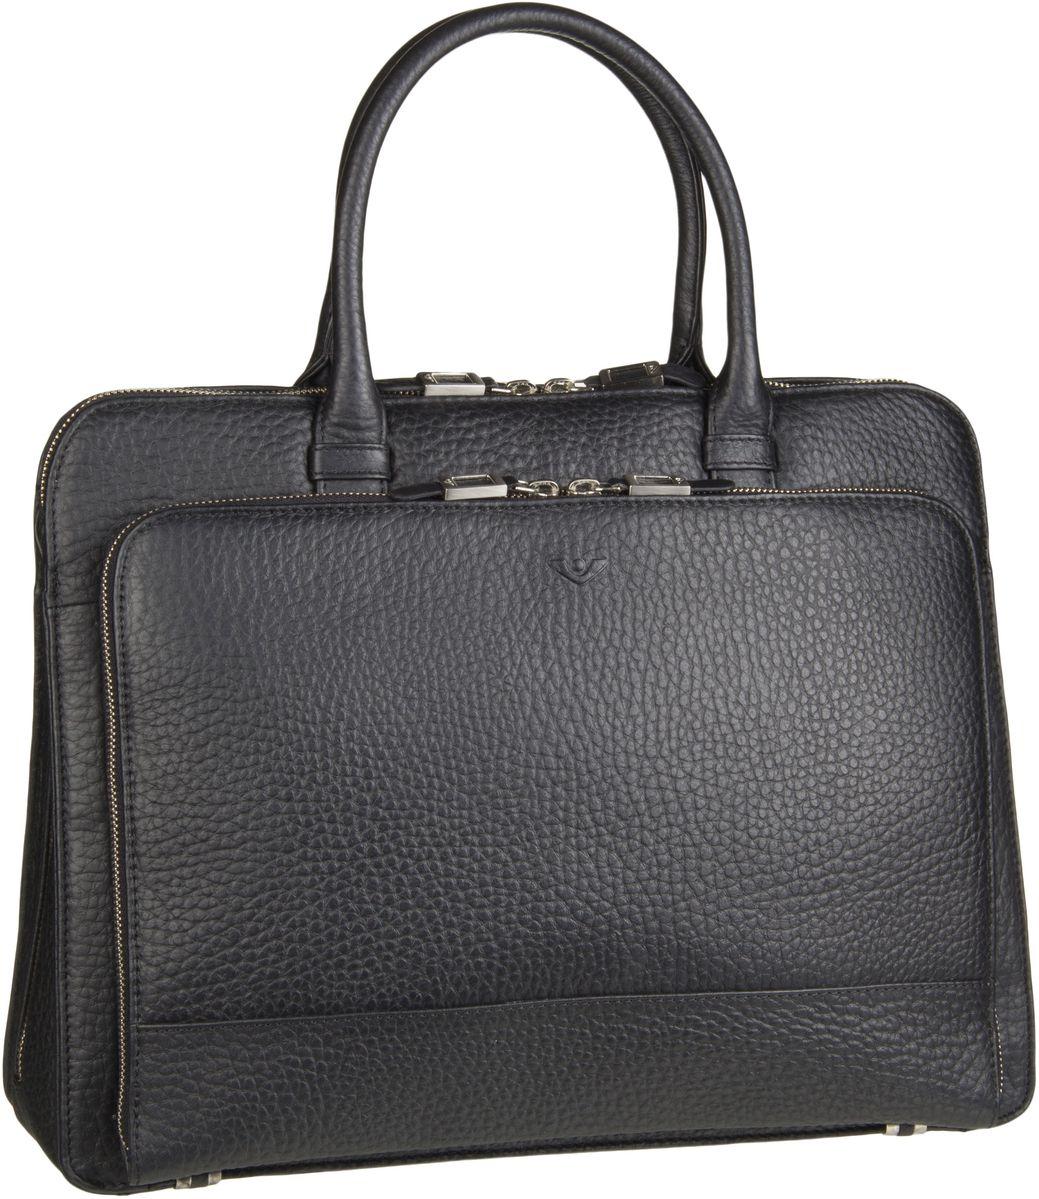 Businesstaschen für Frauen - Voi Hirsch 21877 Laptop Tasche Schwarz Aktentasche  - Onlineshop Taschenkaufhaus